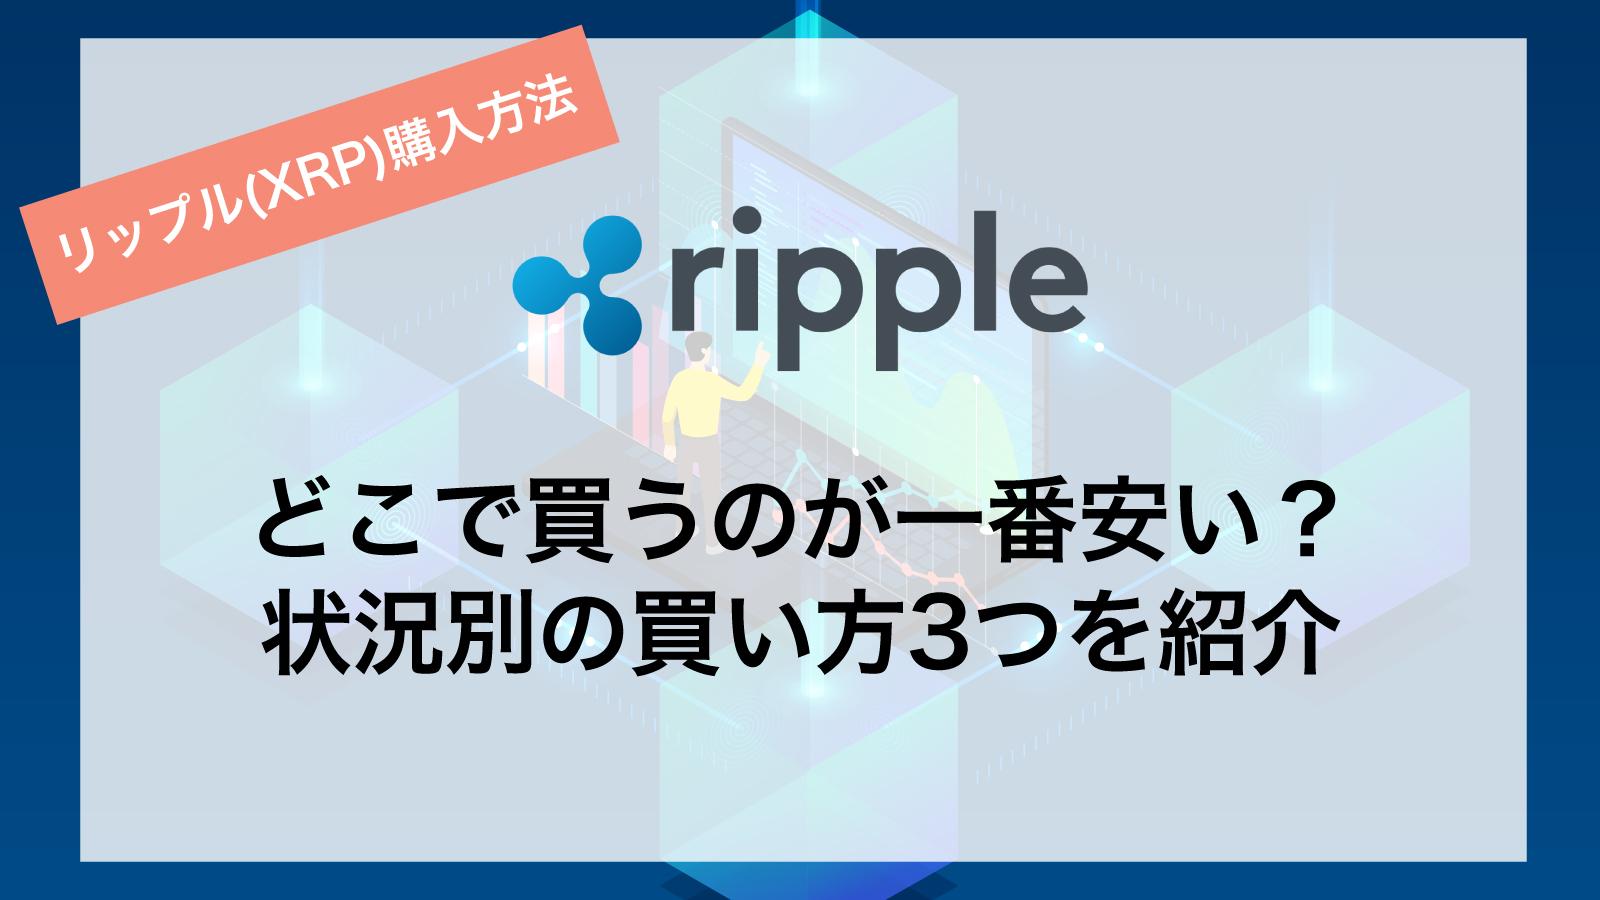 リップル(ripple)の購入方法